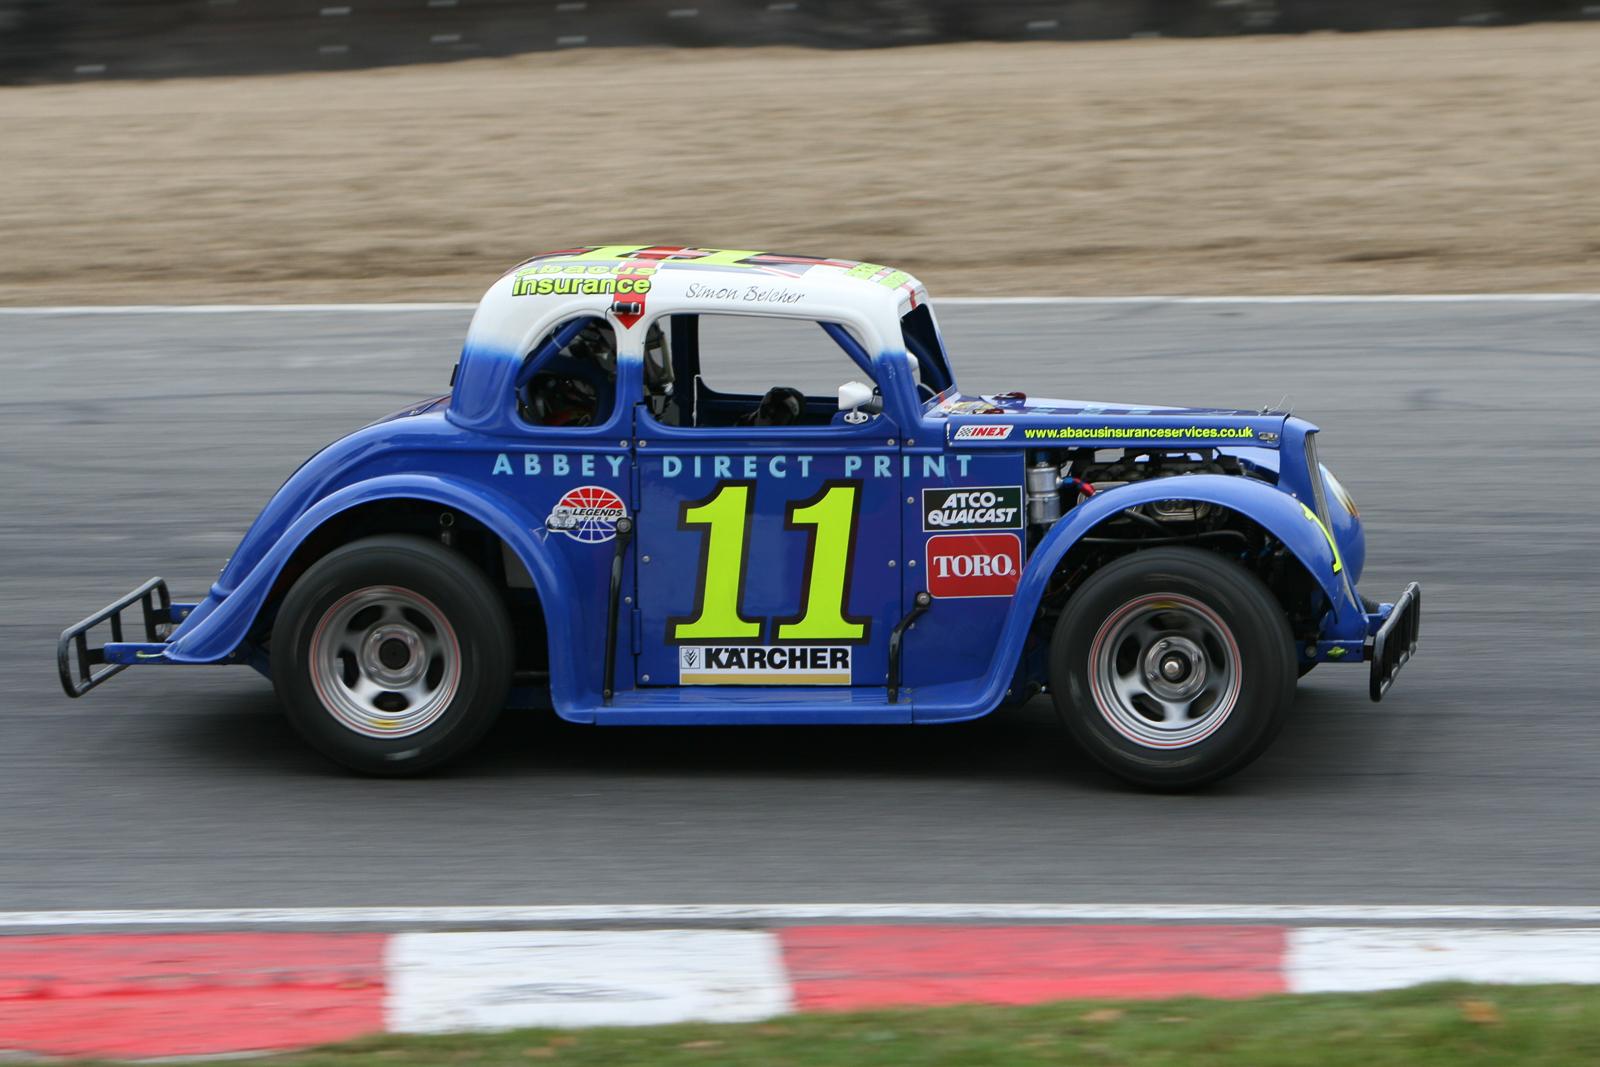 20071103 - Truck Racing Brands -071103 -041